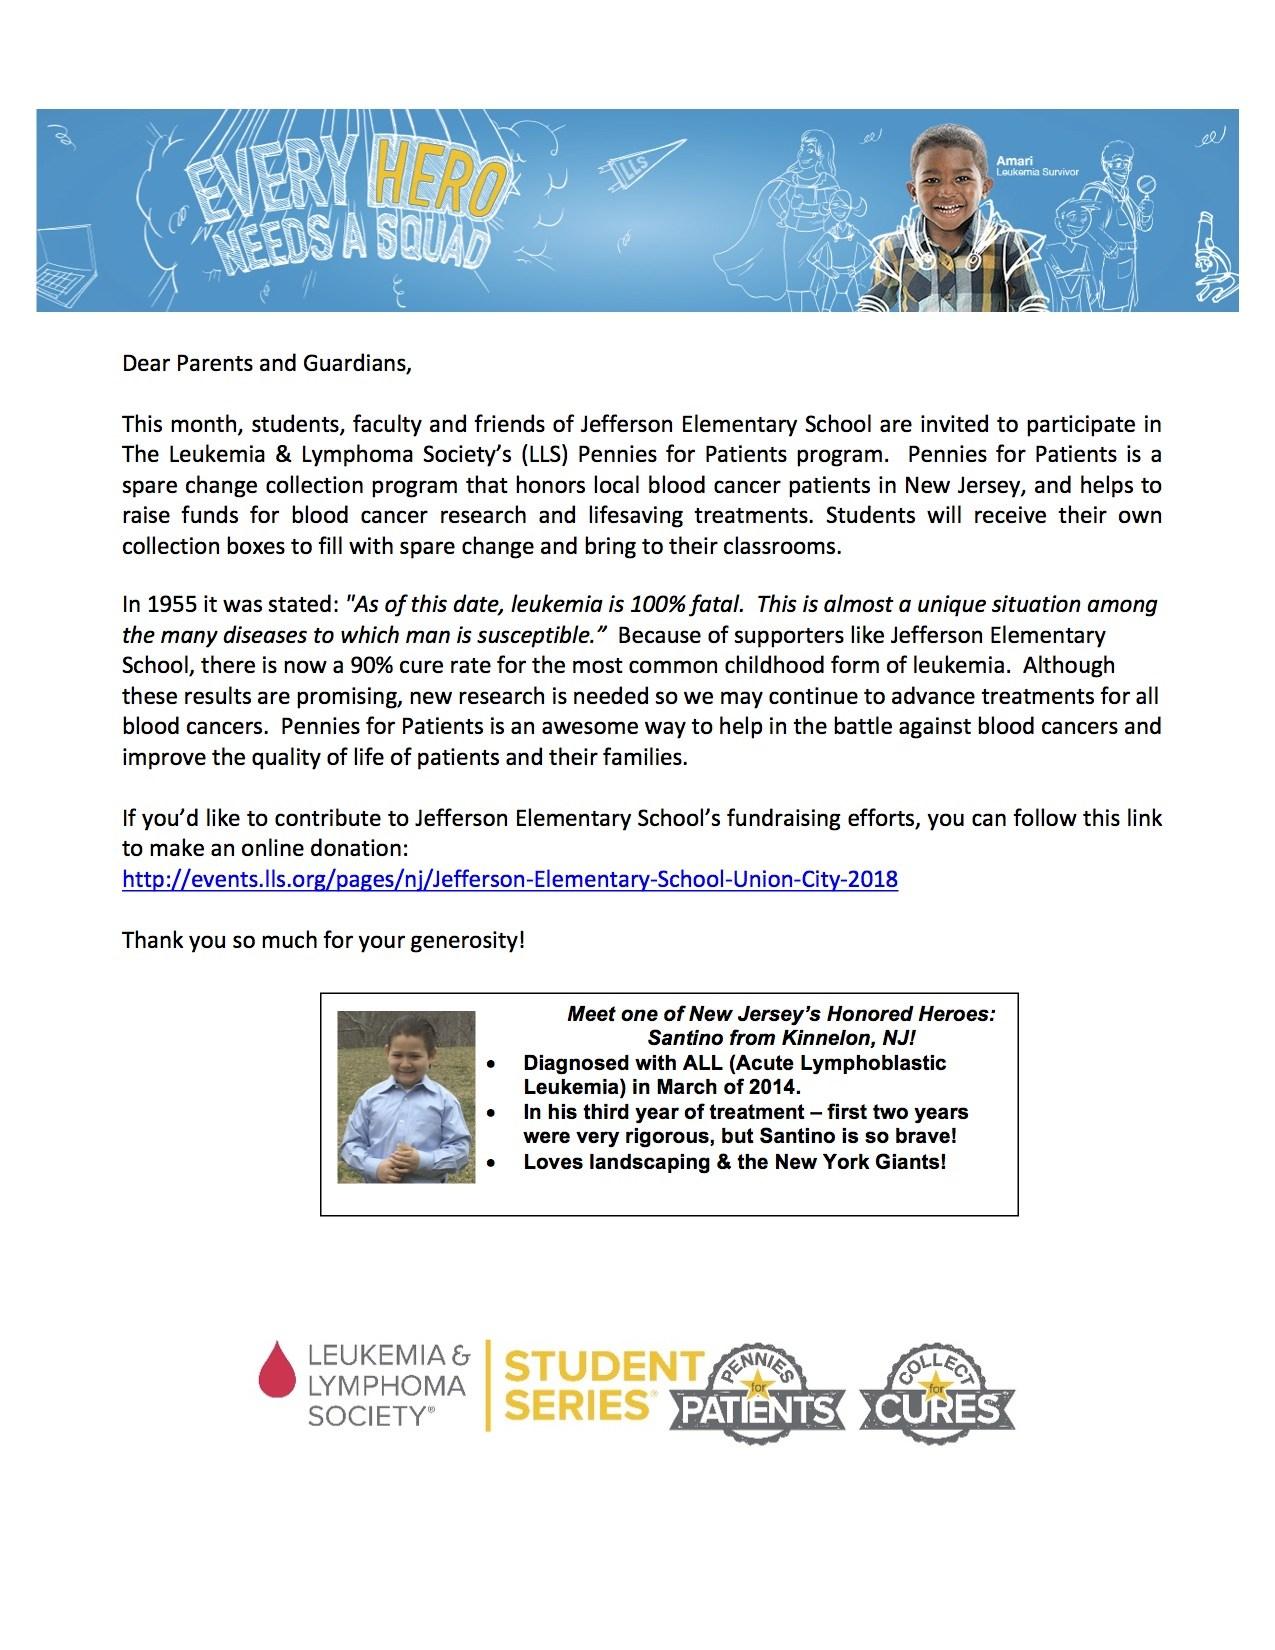 lukemia fundraiser parent letter